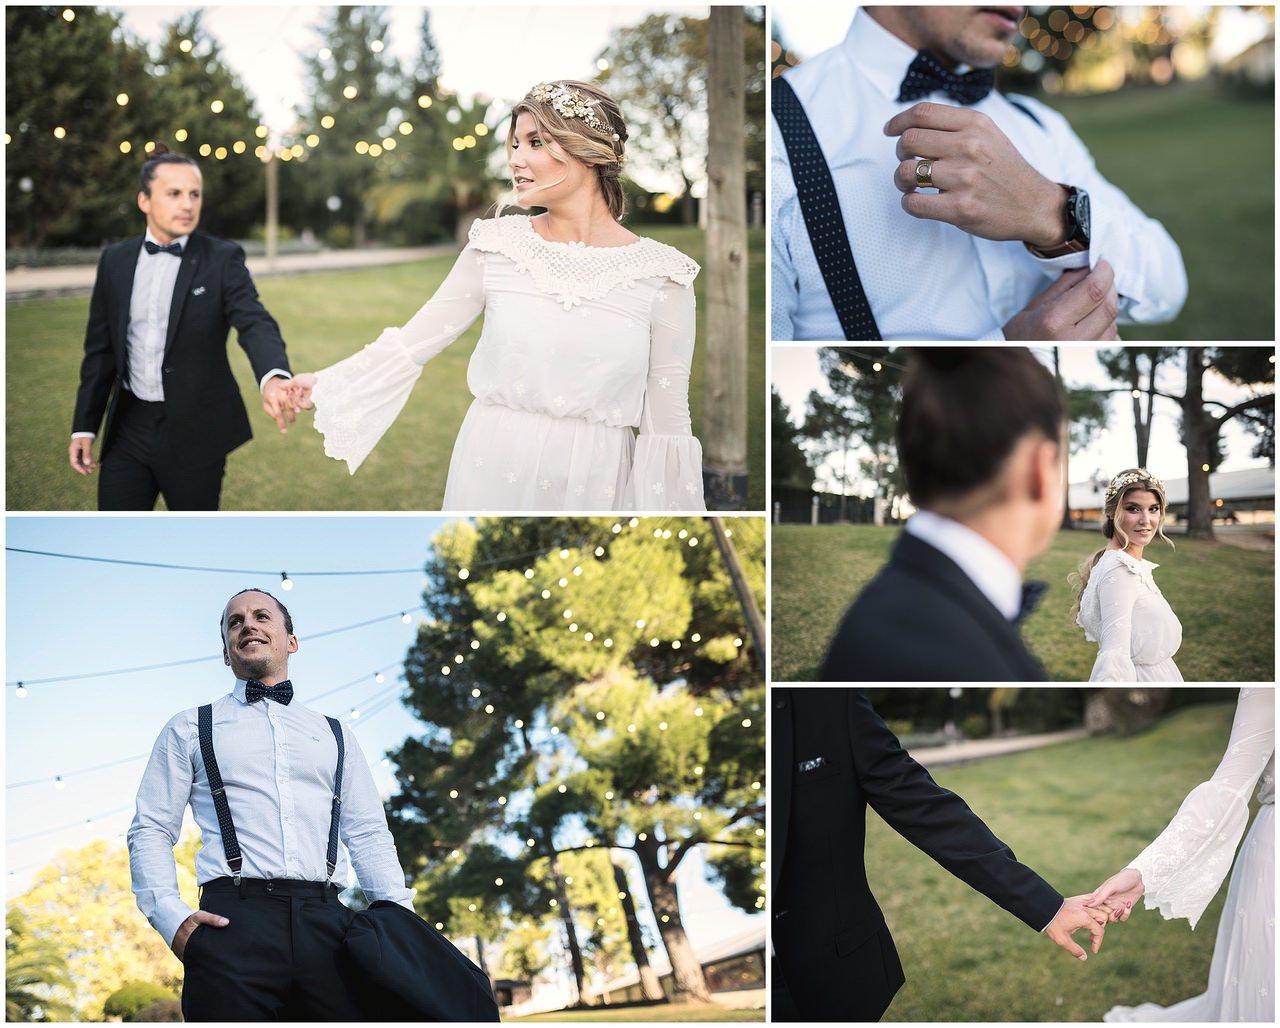 fotografo bodas alcoy, valen y daniel2